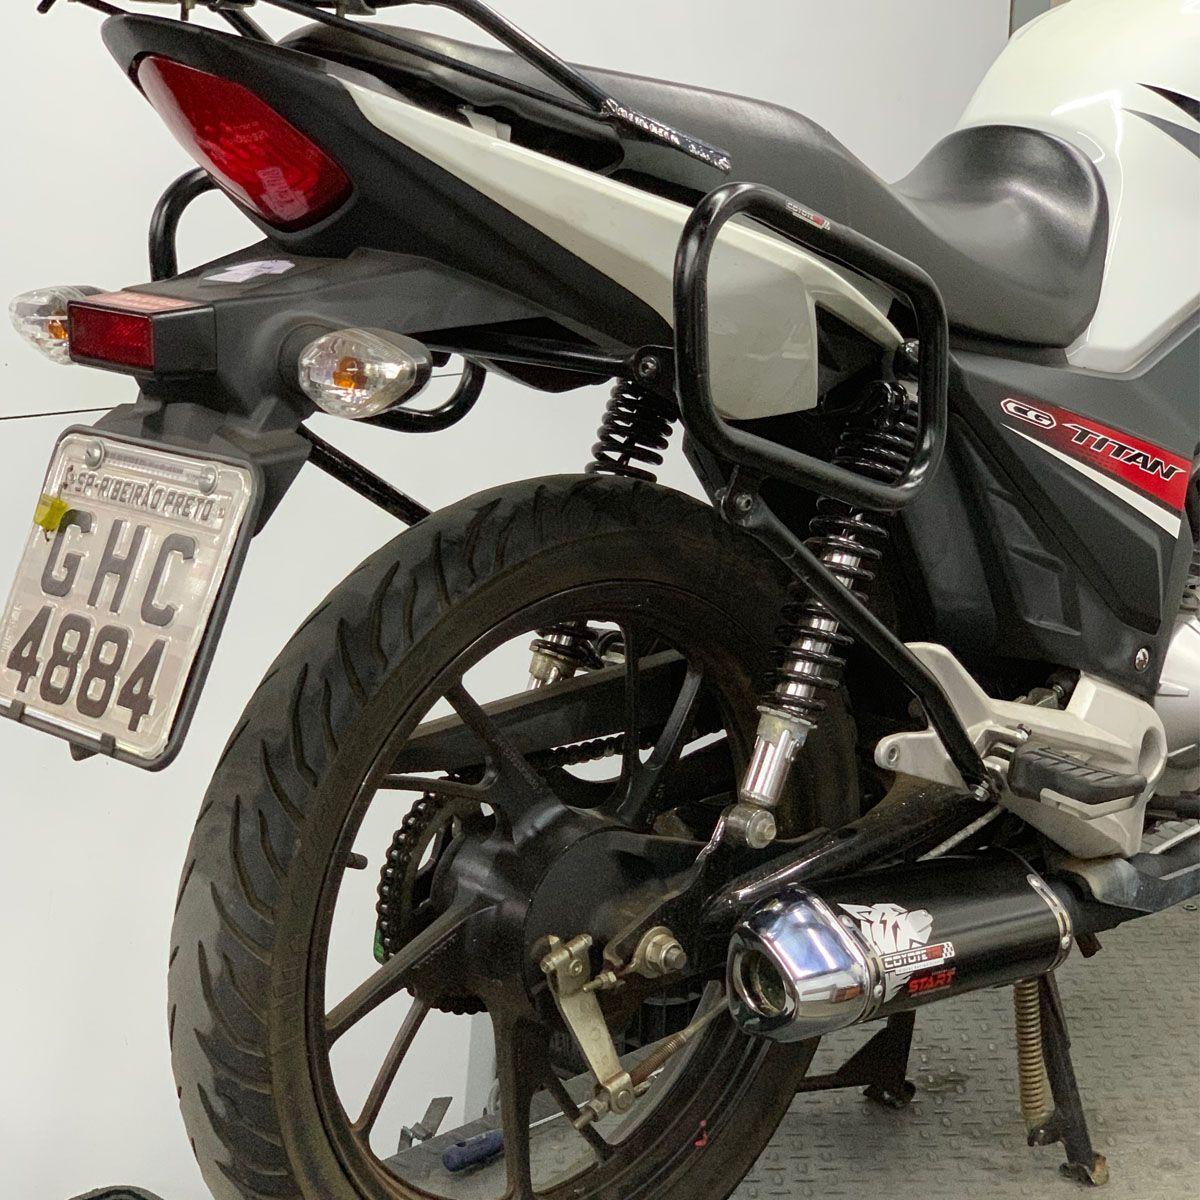 Protetor Traseiro / Apoio p/ Bolsas Laterais Modelo Coyote - CG 160 Titan - Honda